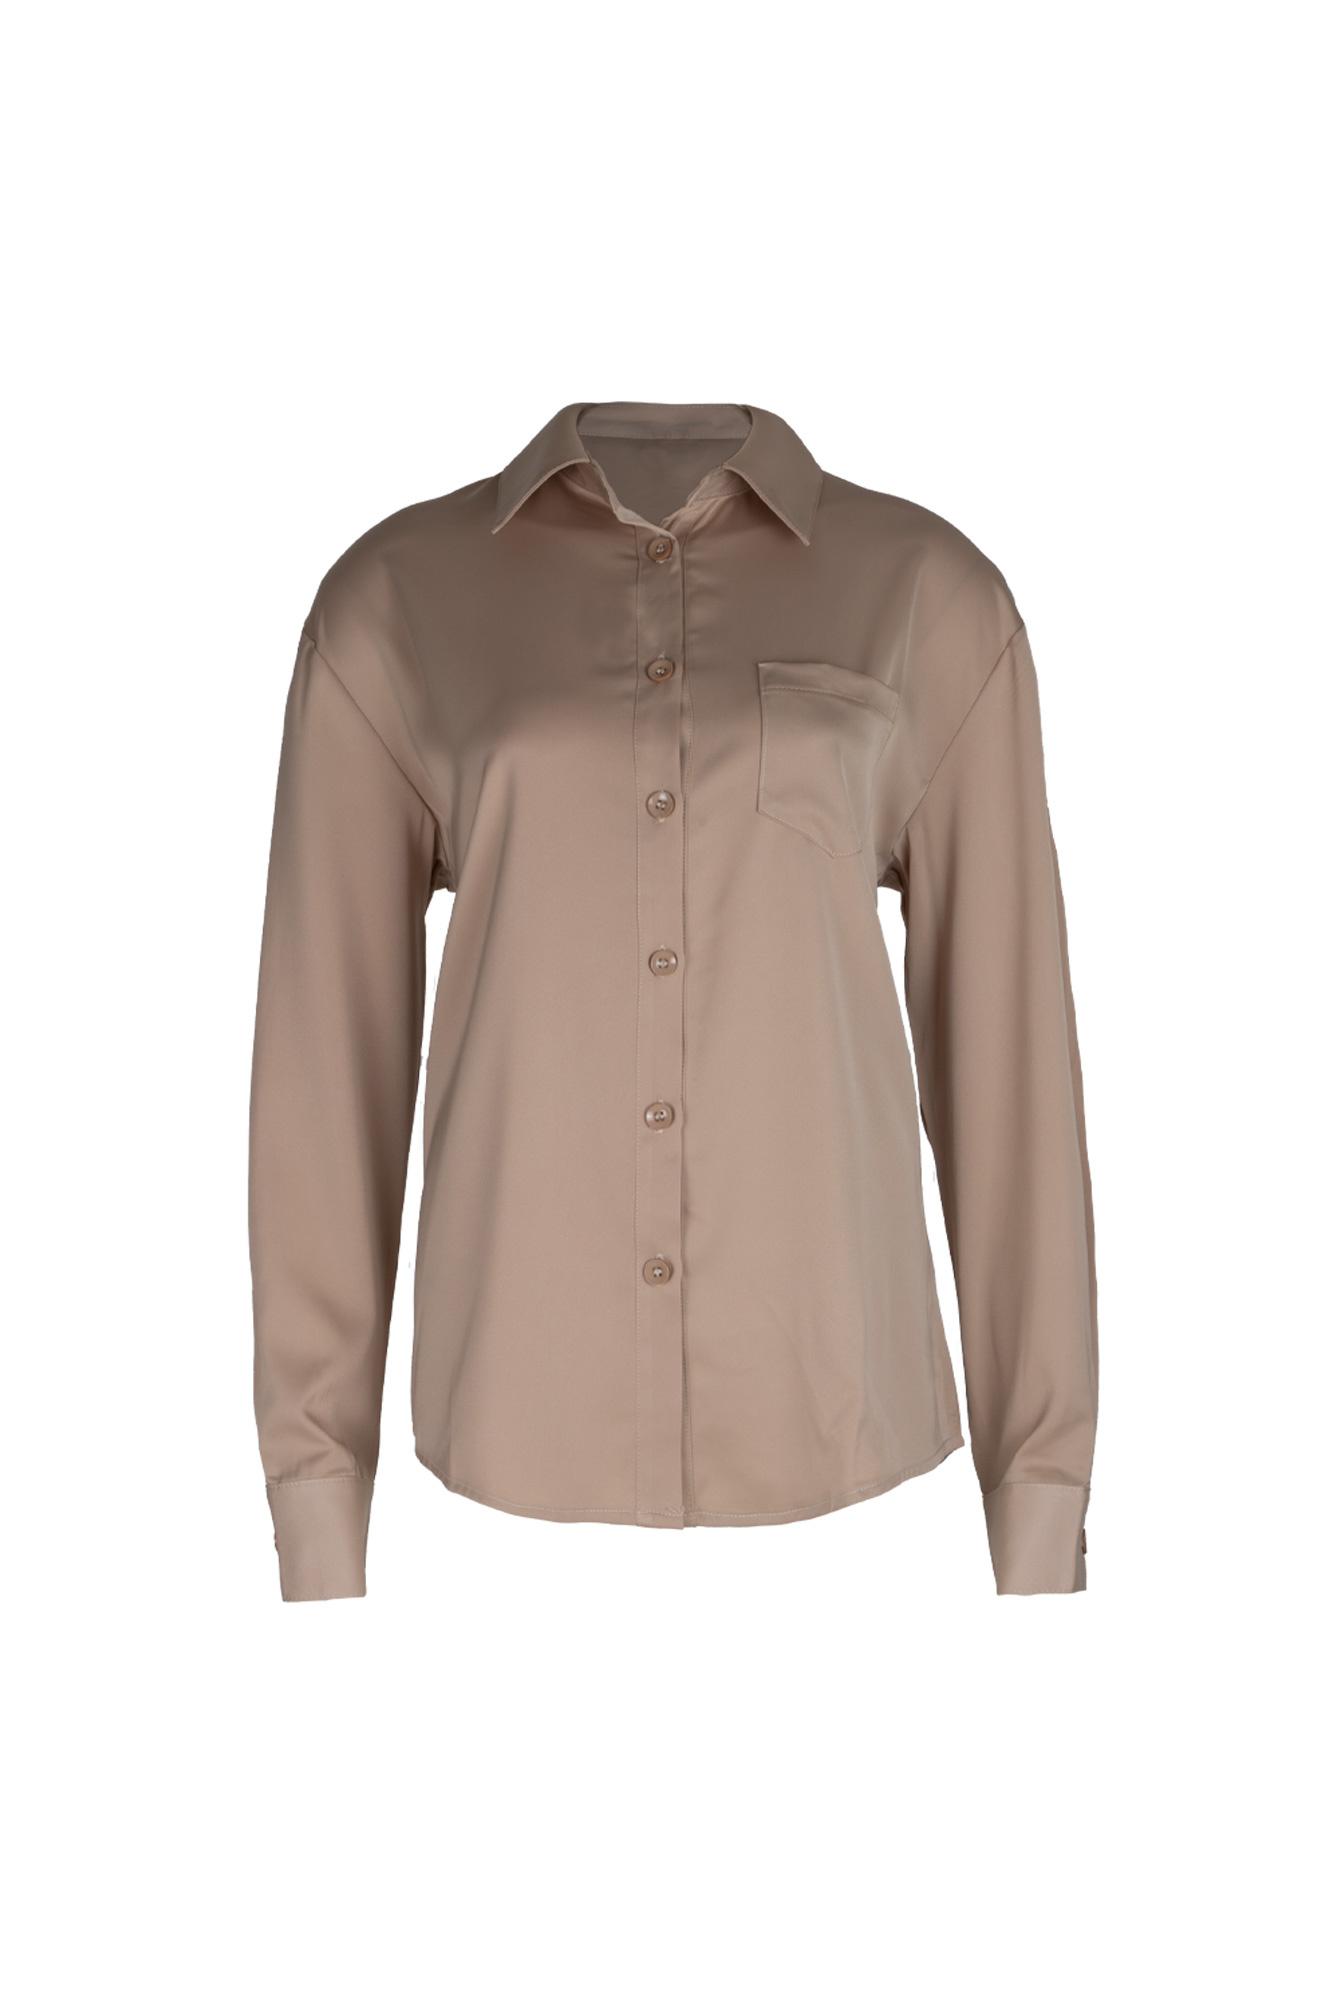 P'J satin blouse beige